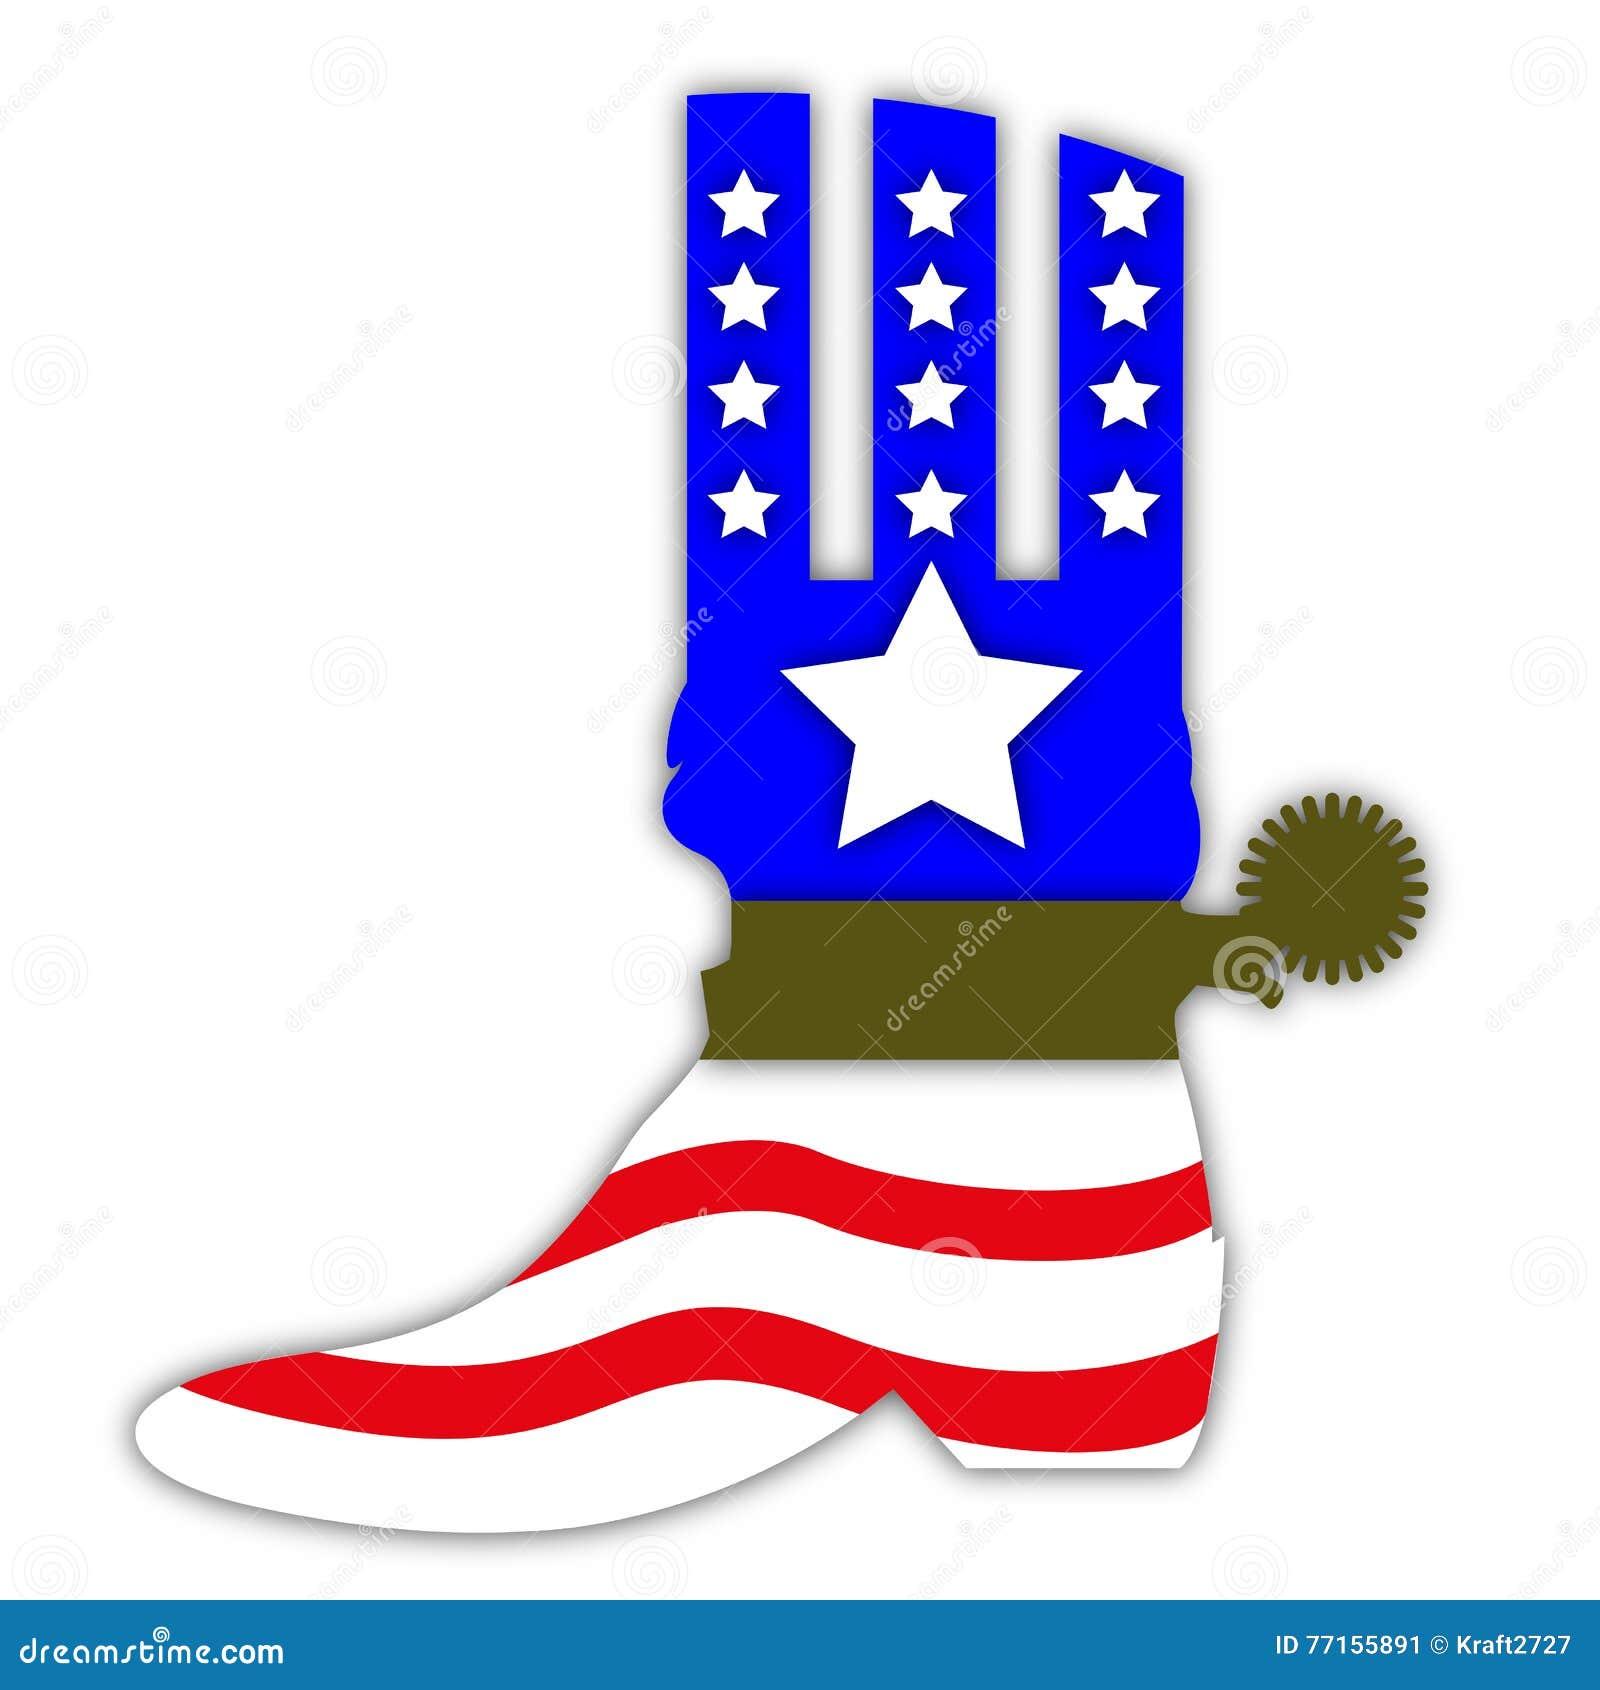 Bottes de cowboy dans le style de drapeau des USA